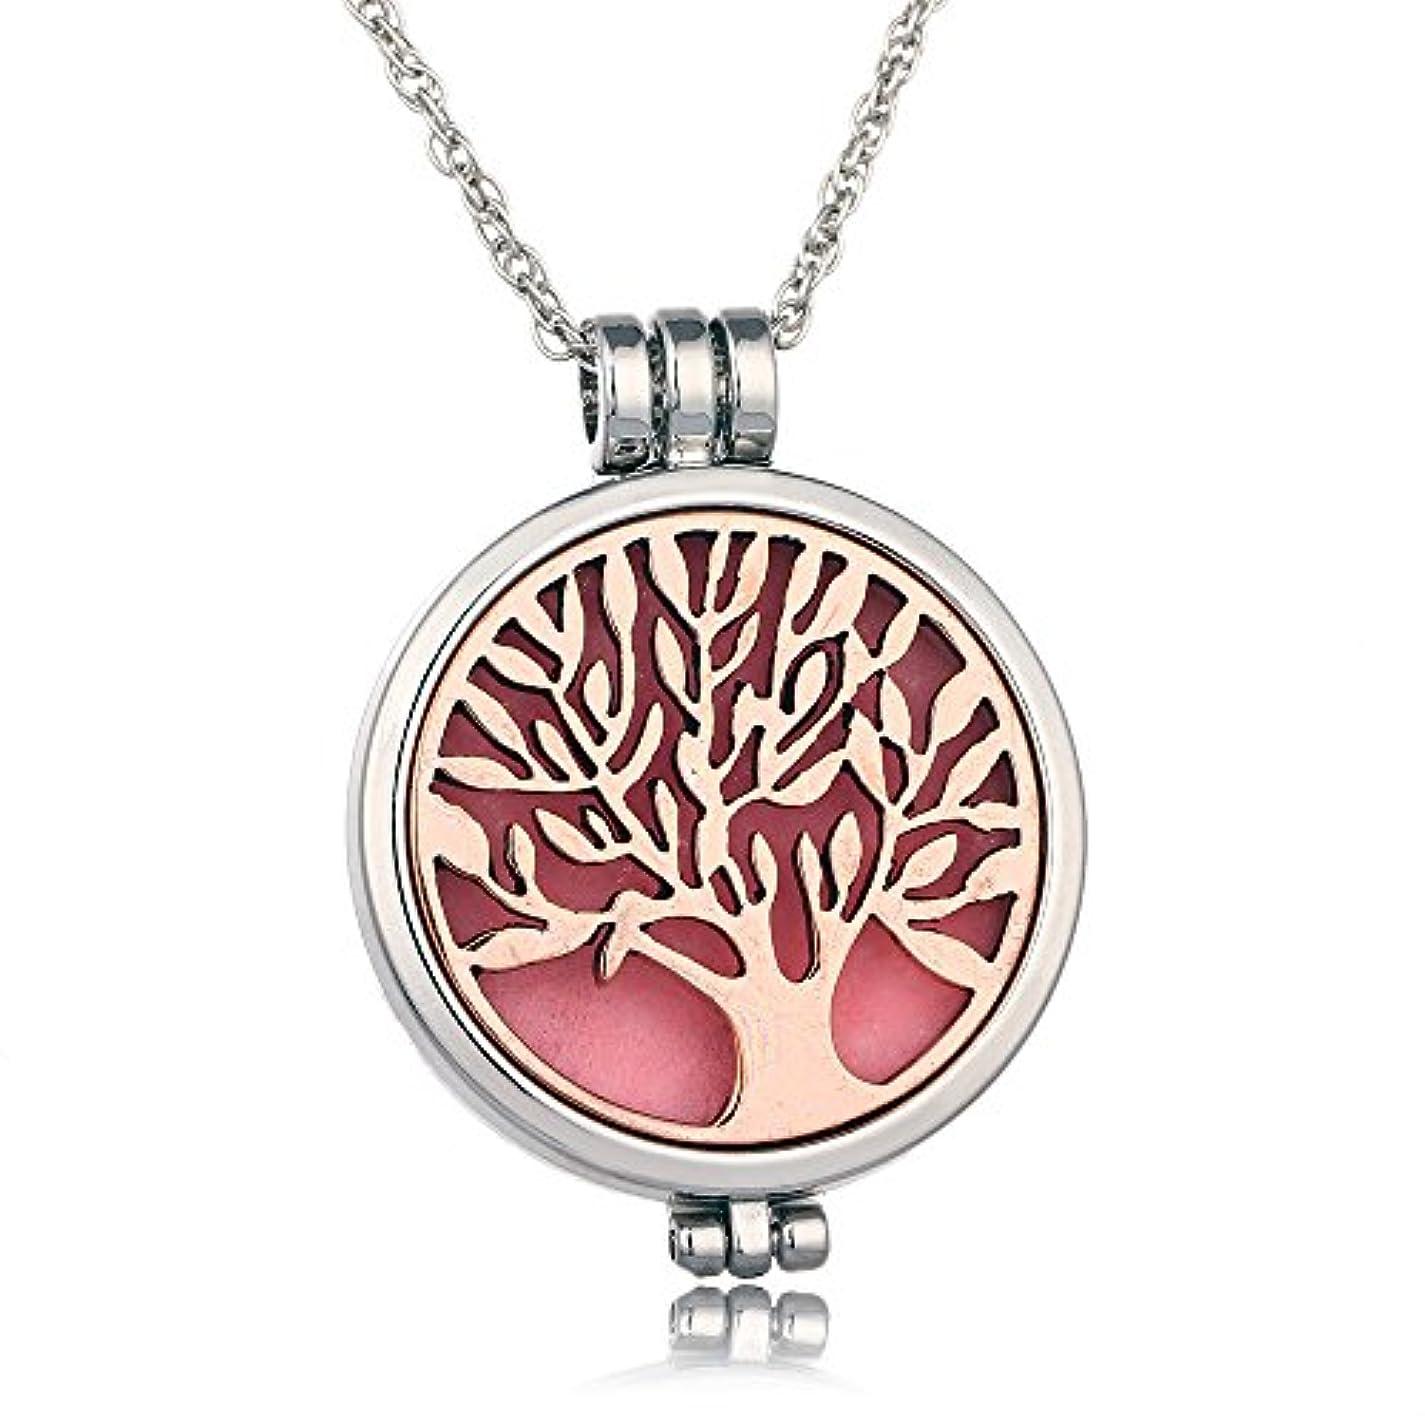 不変持っている個人The Tree Of Life ,光FragranceネックレスEssential Oil Diffuser with 6フェルトパッド